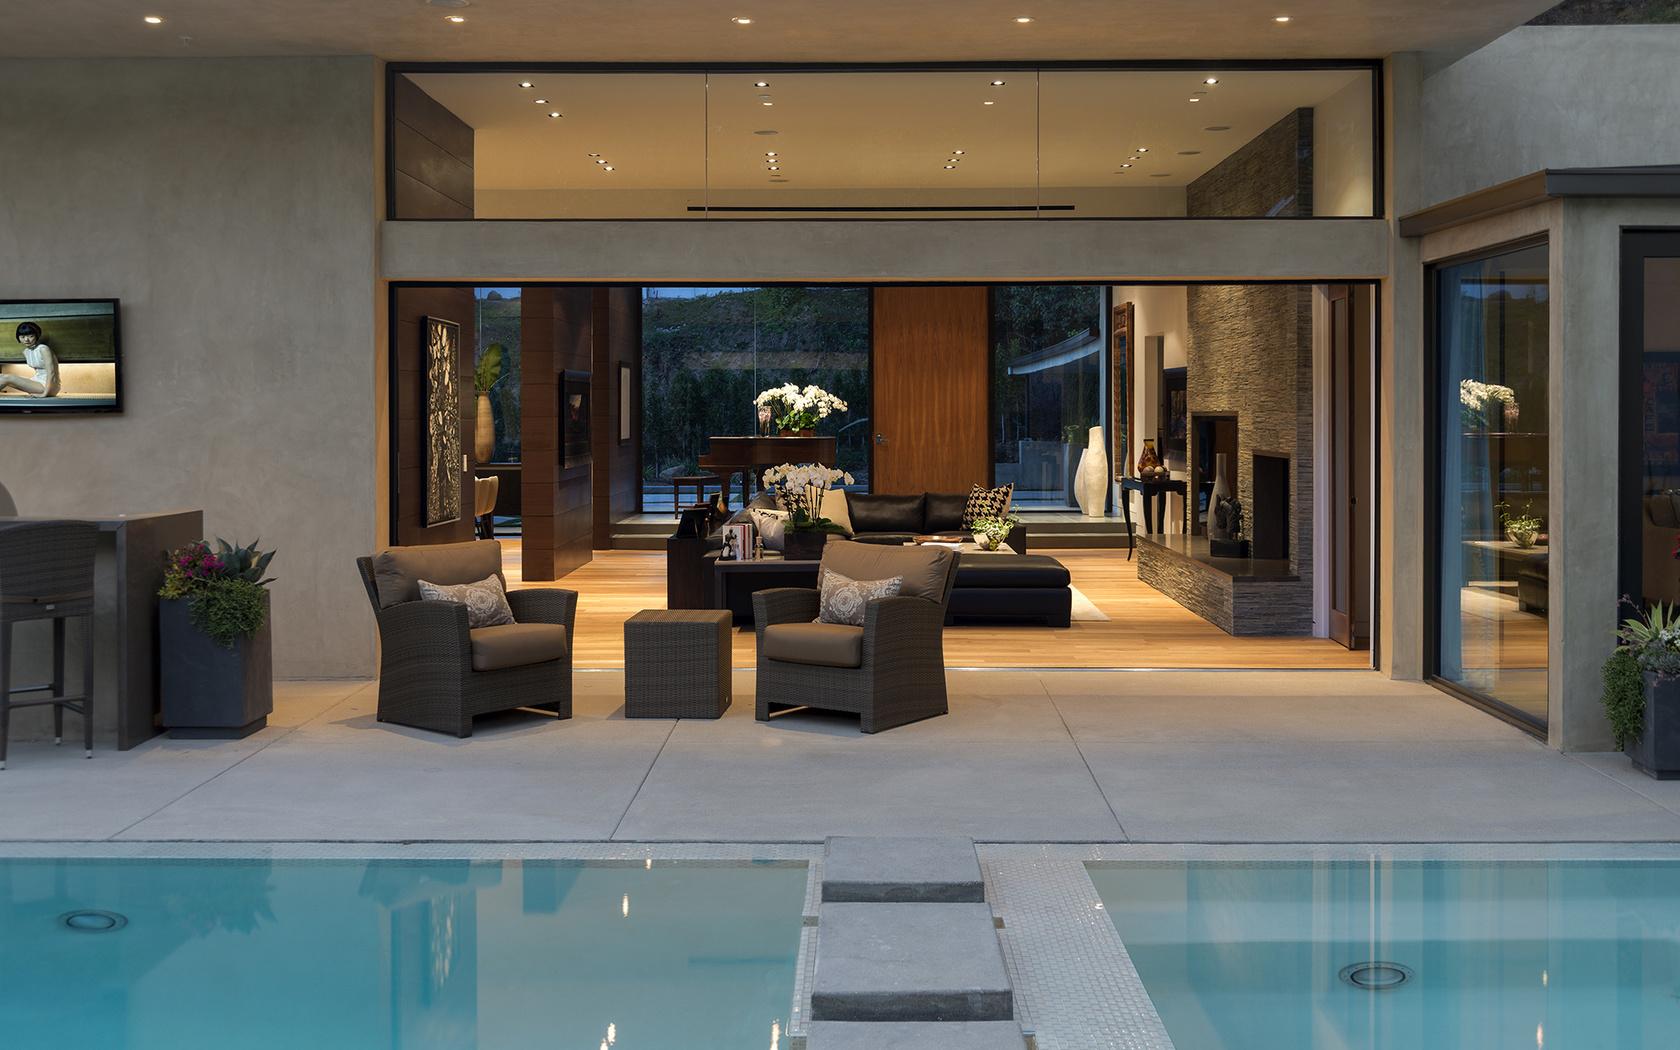 бассейн, home, столик, картины., Interior, кресла, pool, диван